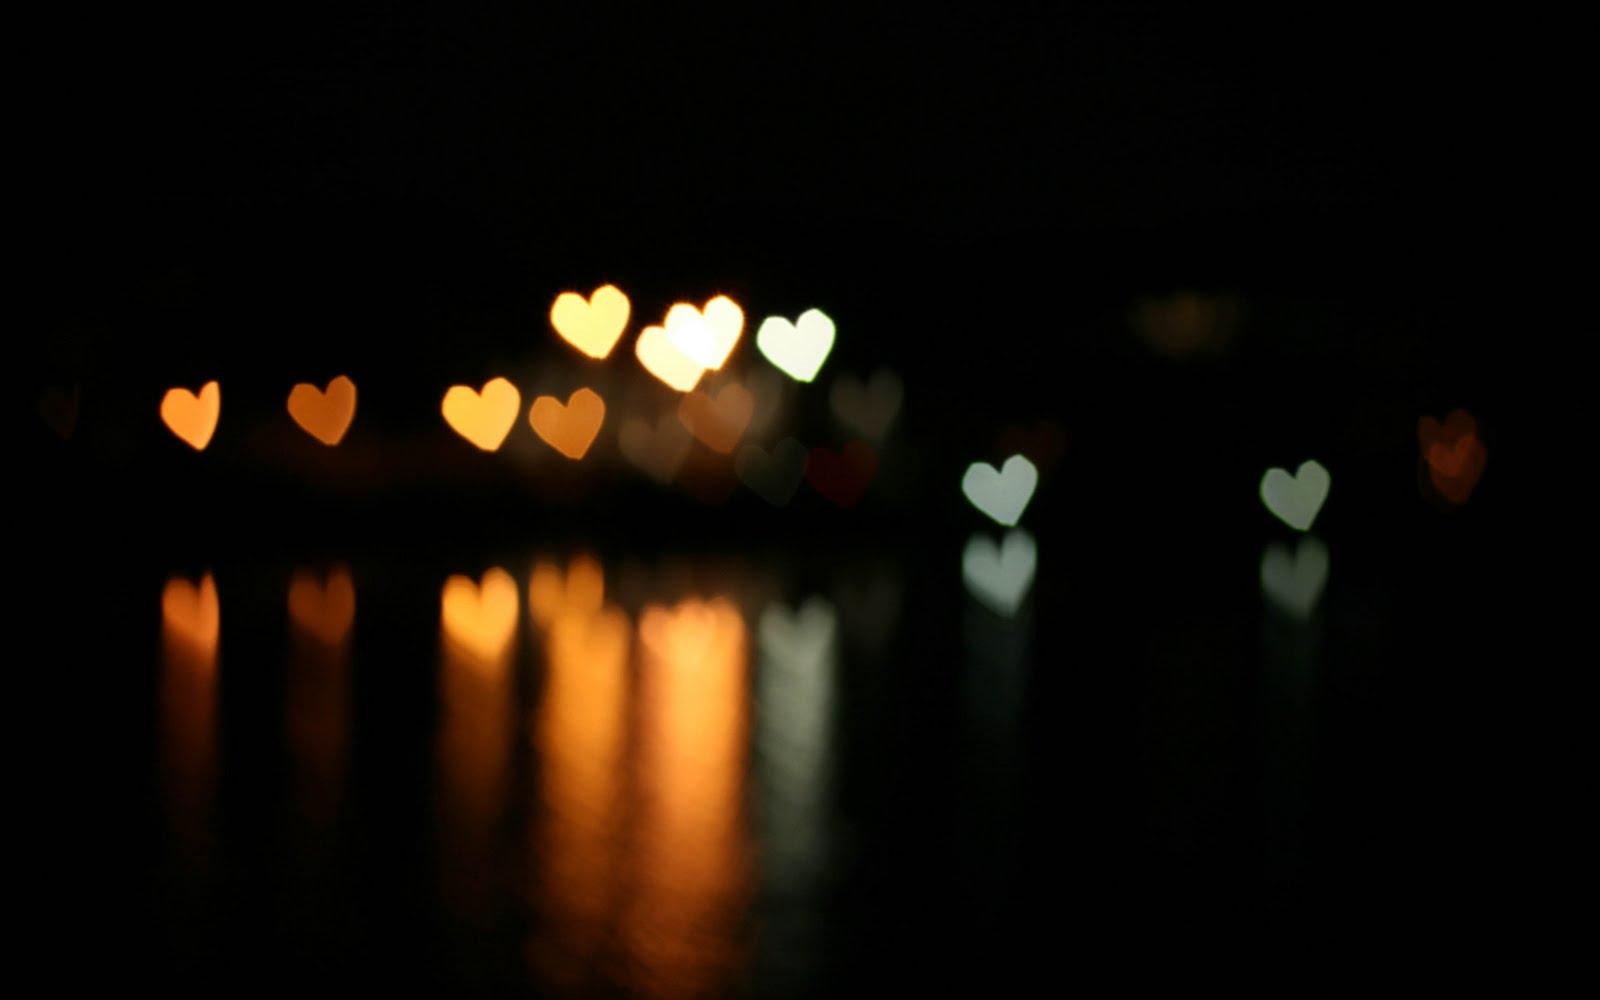 Love Heart Wallpaper Hd Wallpapertag: HD Heart Wallpapers